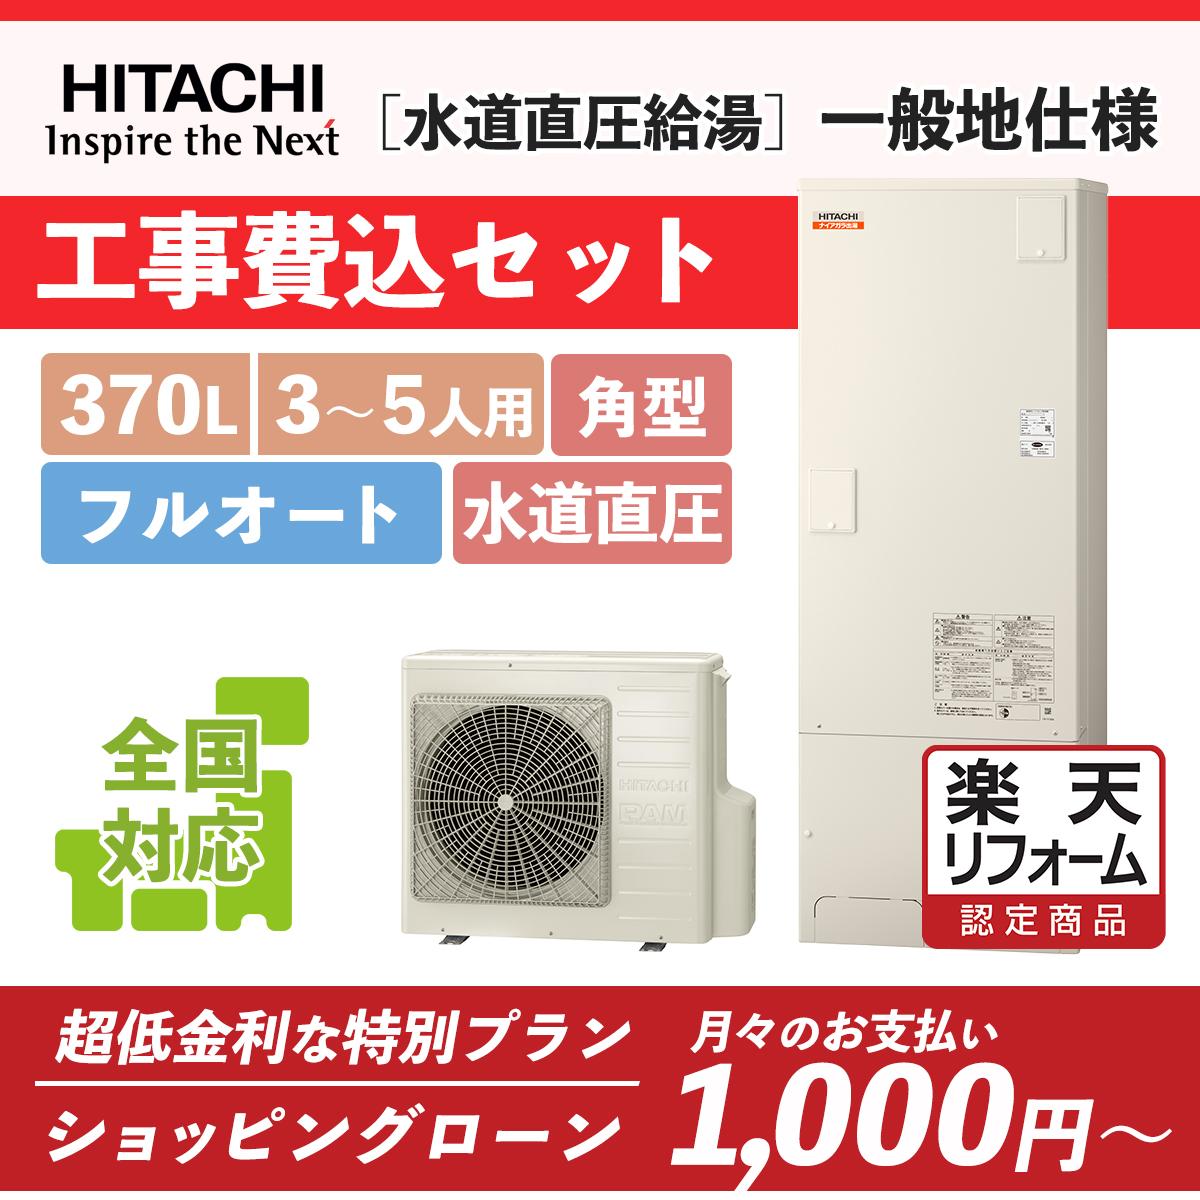 【リフォーム認定商品】BHP-F37RD|水道直圧給湯 角型 370L|エコキュート工事費込み!全国対応!リモコンセット,給湯器,フルオート